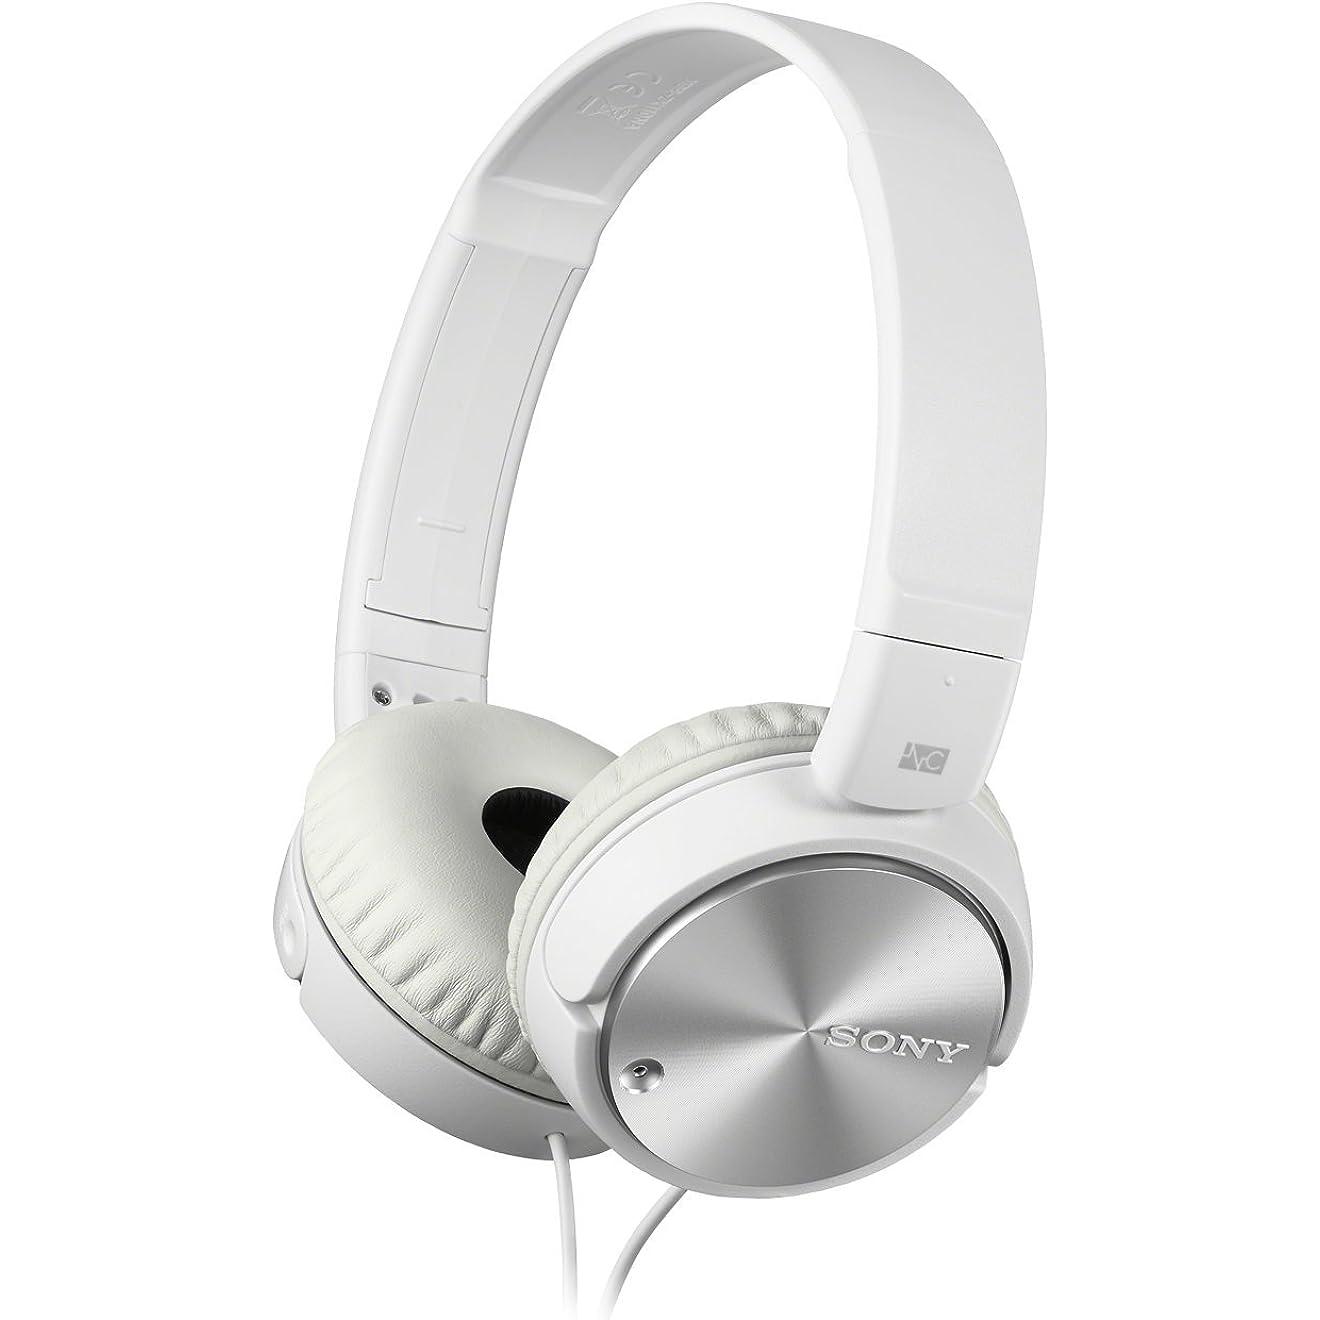 Gute Noise Cancelling Kopfhörer bekommen Sie beispielsweise von Sony.